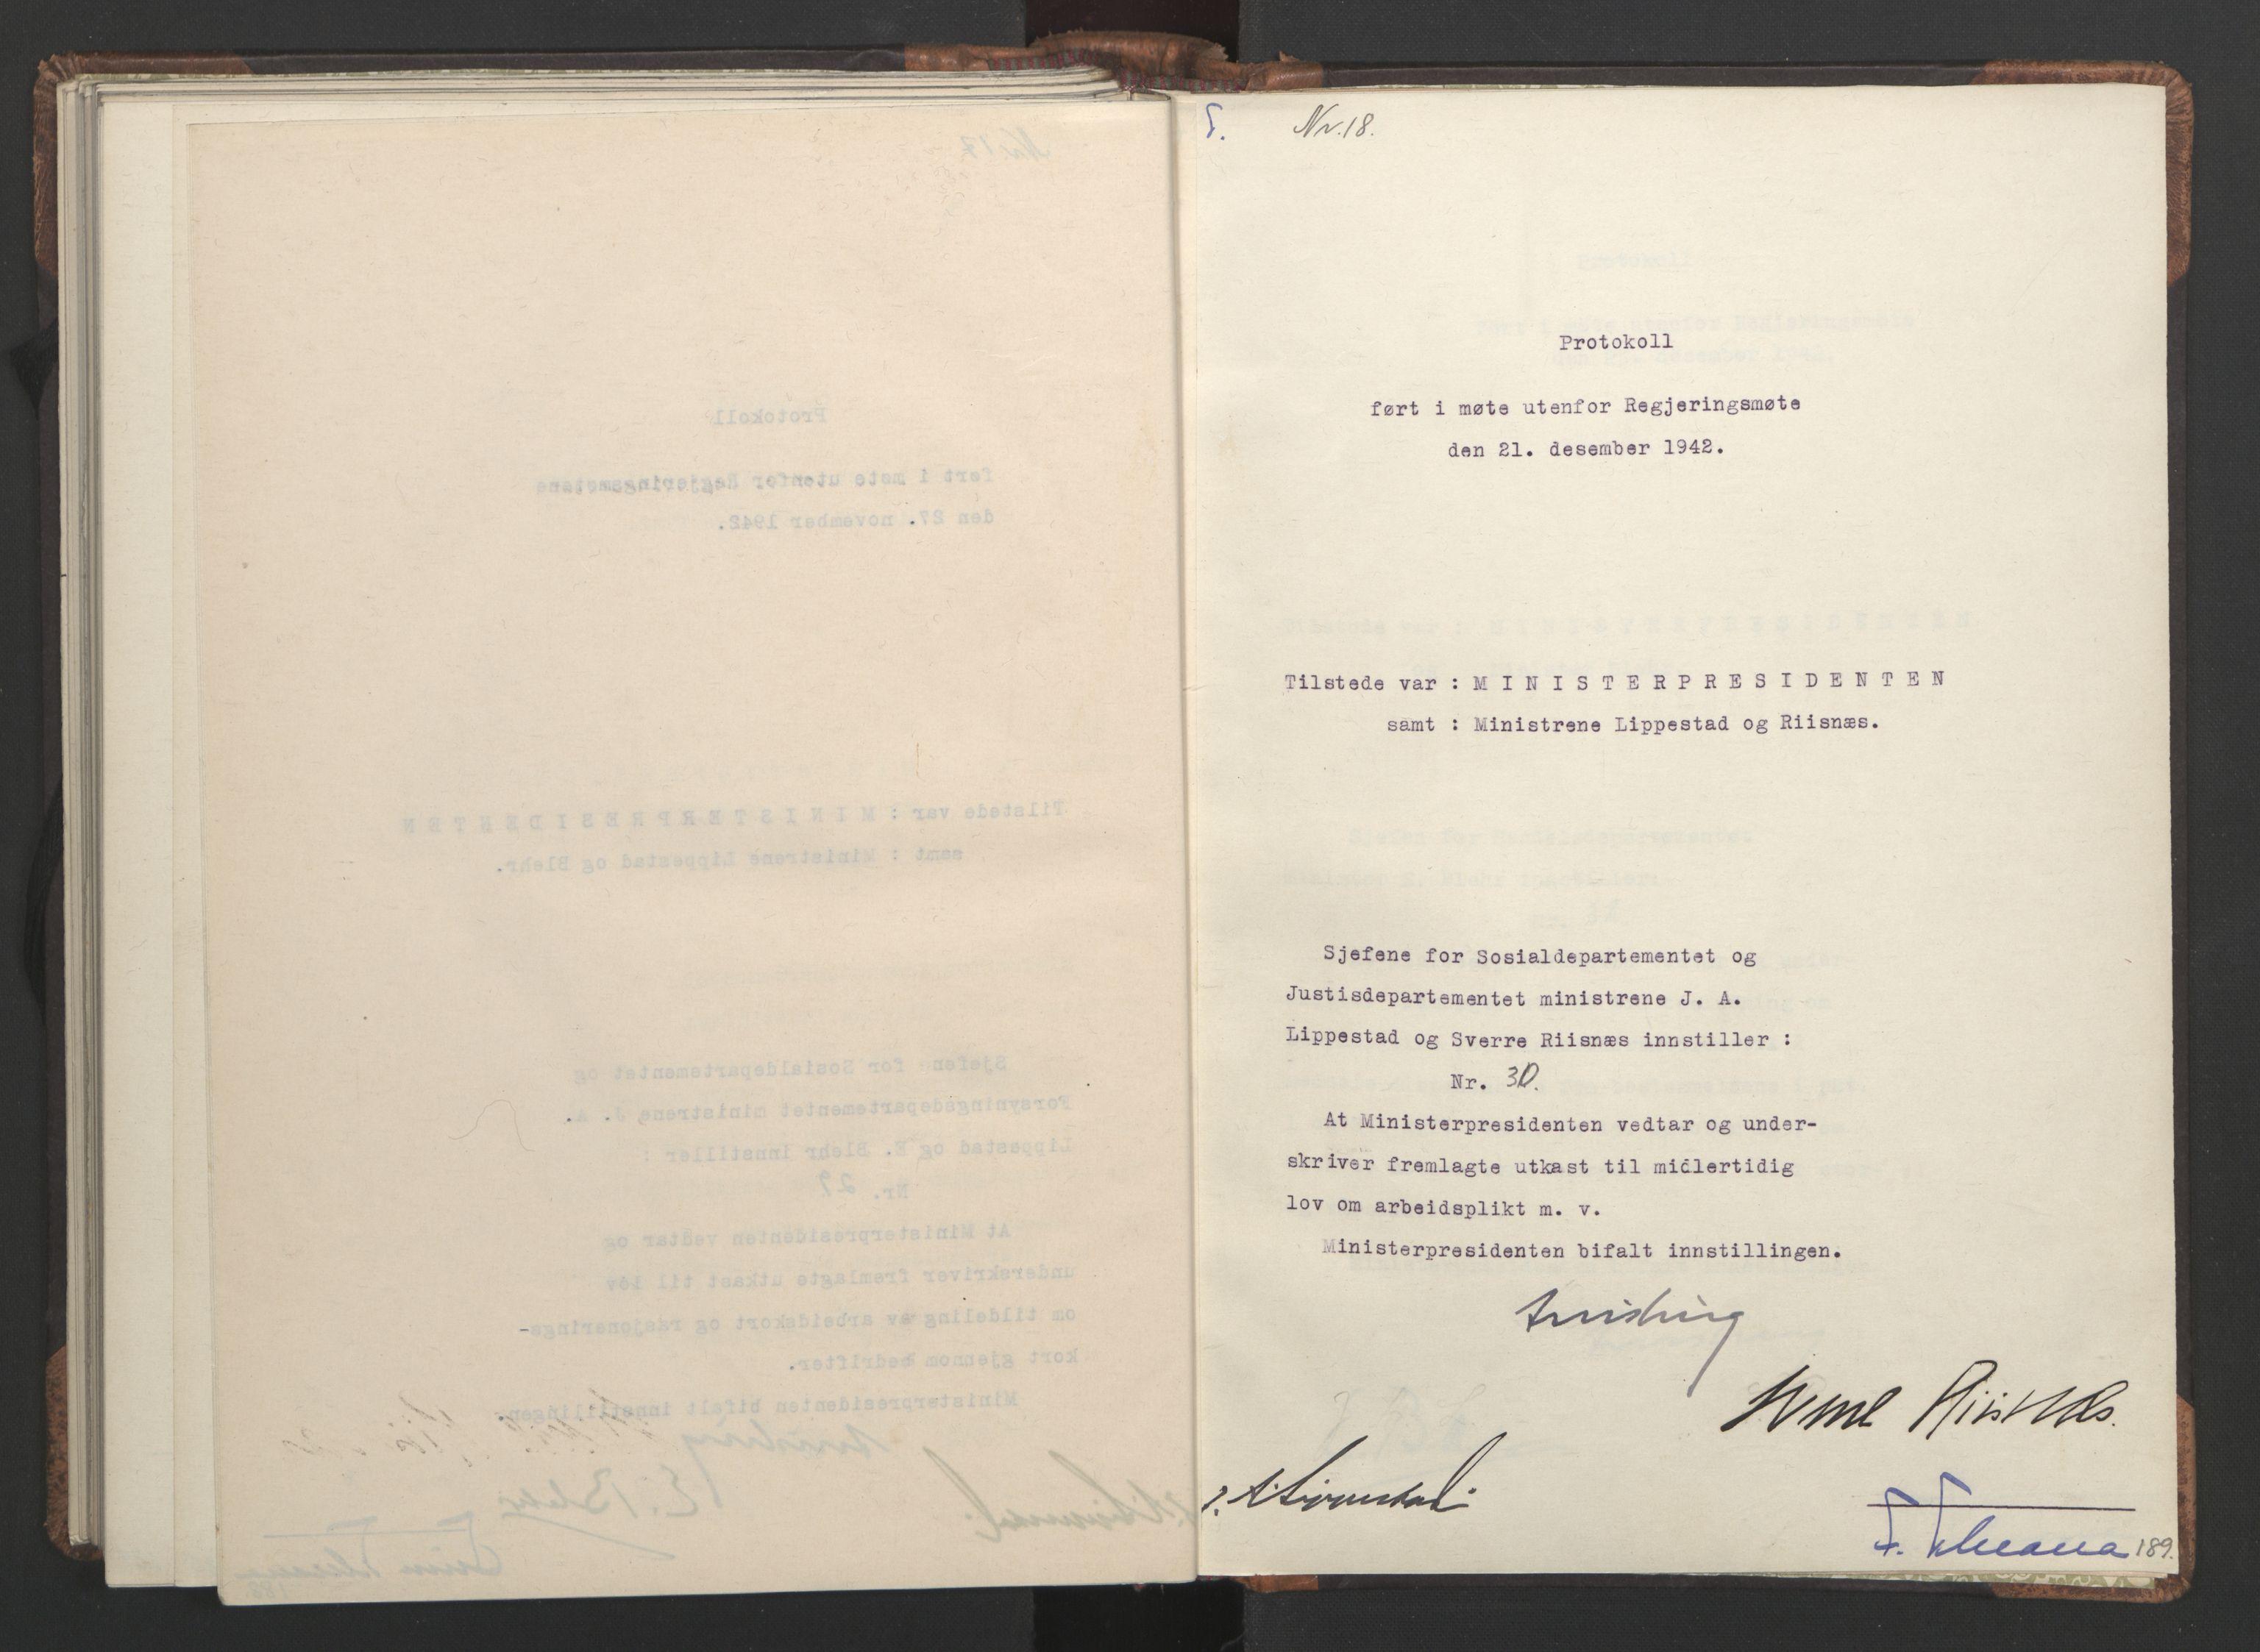 RA, NS-administrasjonen 1940-1945 (Statsrådsekretariatet, de kommisariske statsråder mm), D/Da/L0001: Beslutninger og tillegg (1-952 og 1-32), 1942, s. 188b-189a